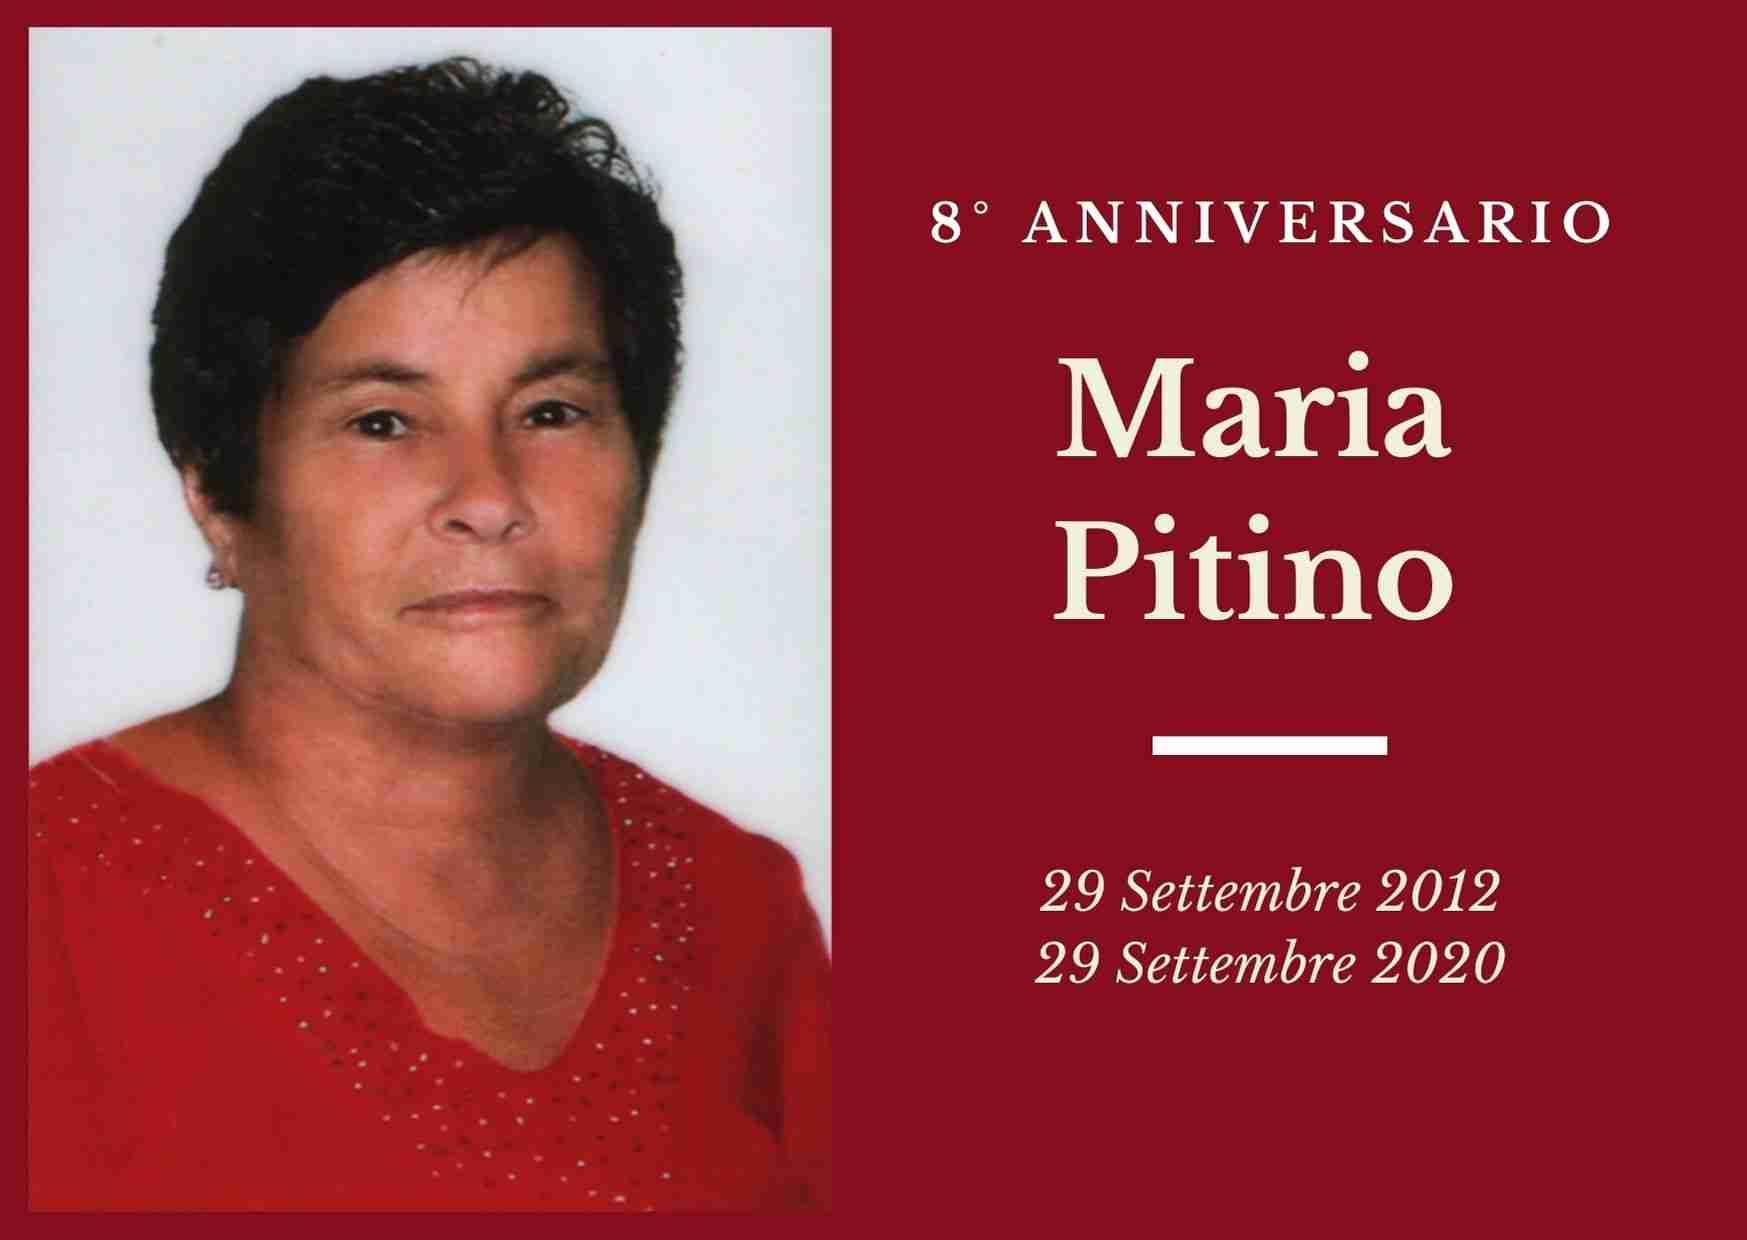 Necrologio: ricorre oggi l' 8° Anniversario di Maria Pitino